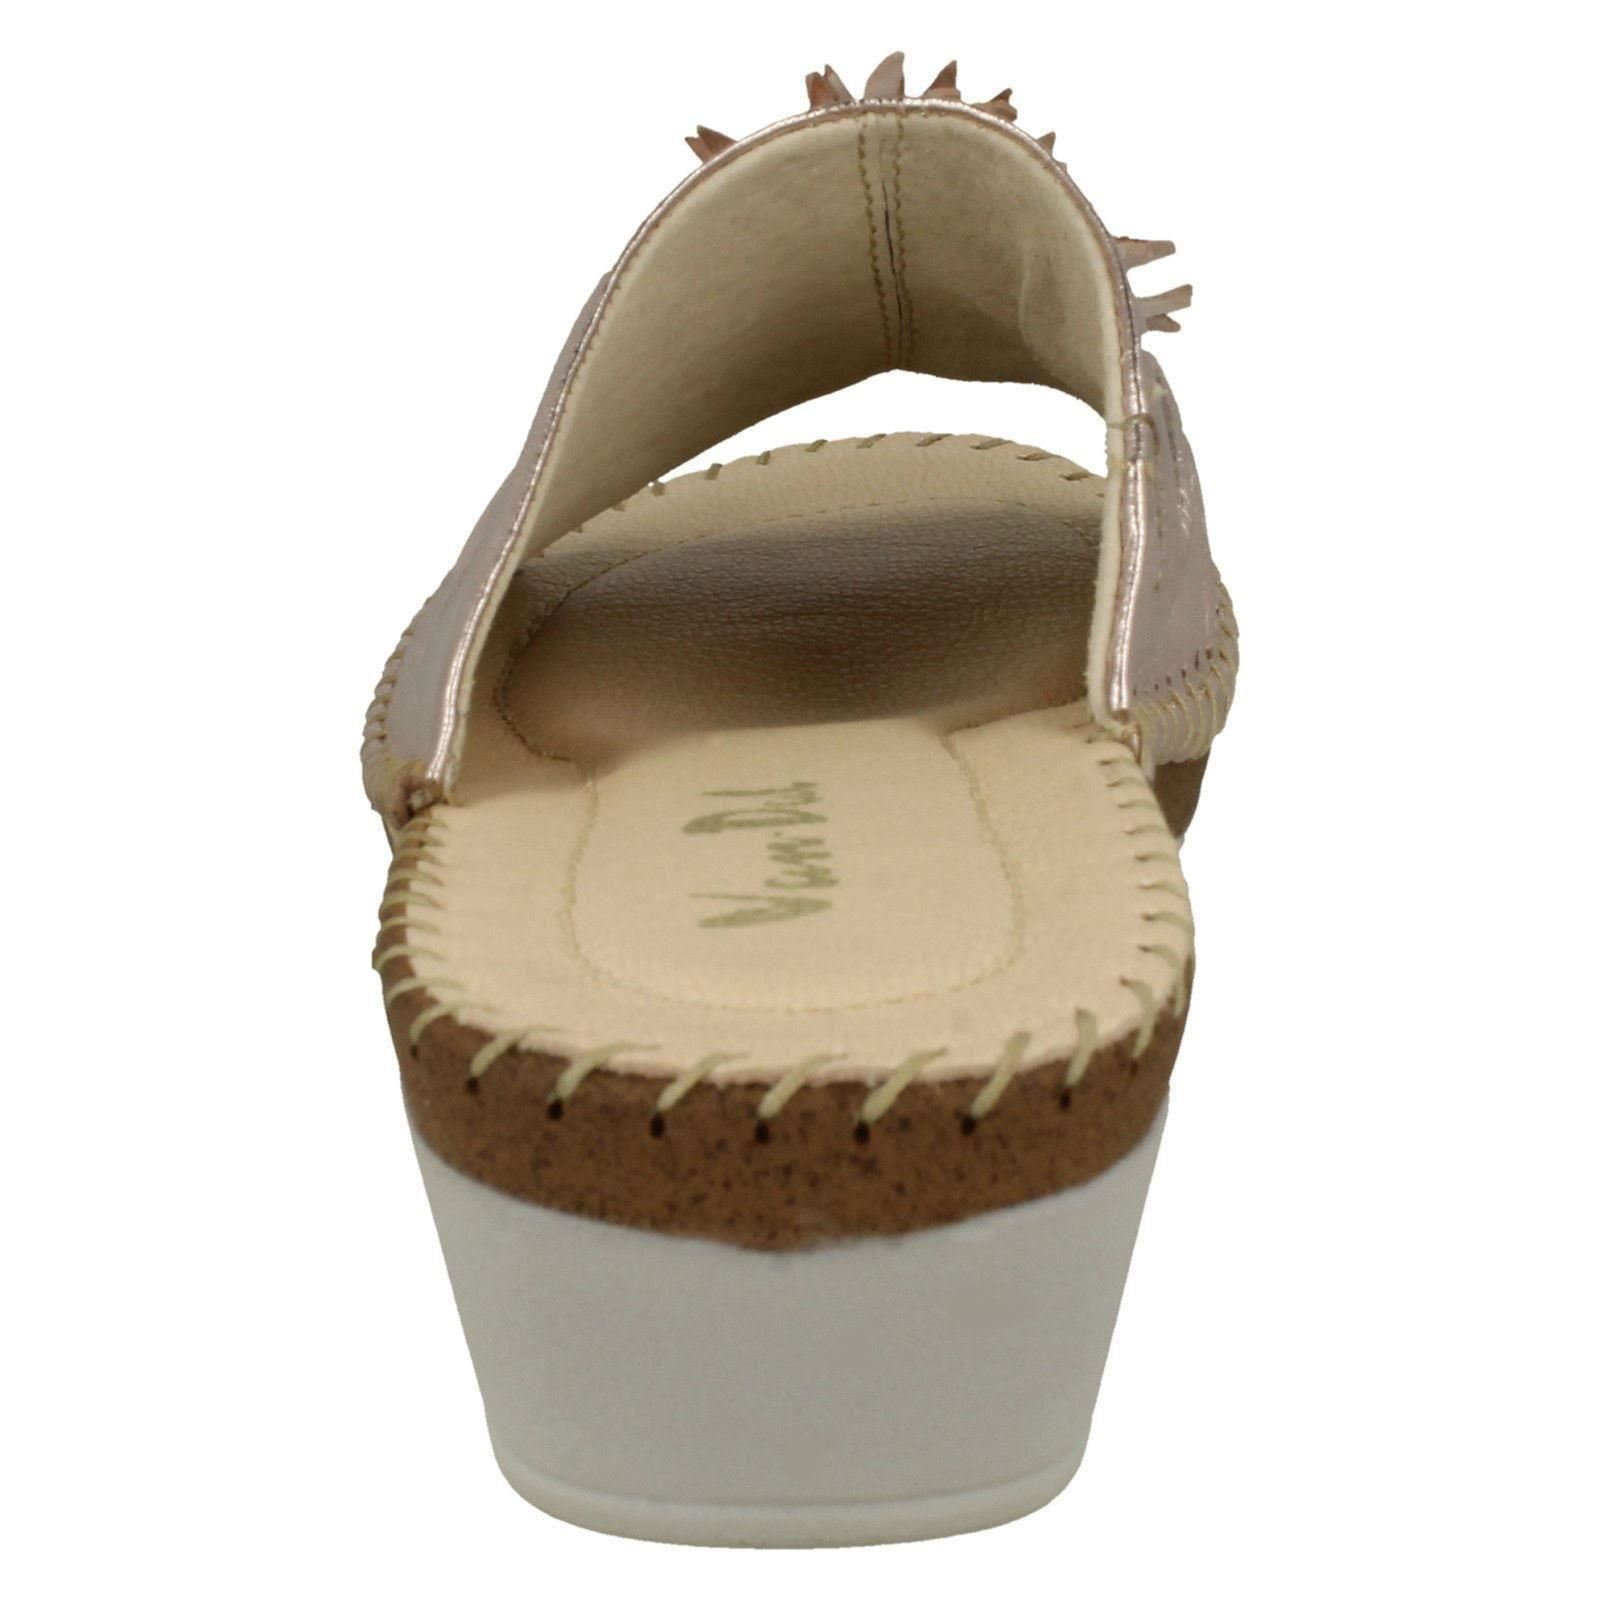 Ladies-Van-Dal-Wedge-Heel-Mule-Sandals-039-Banks-039 thumbnail 6